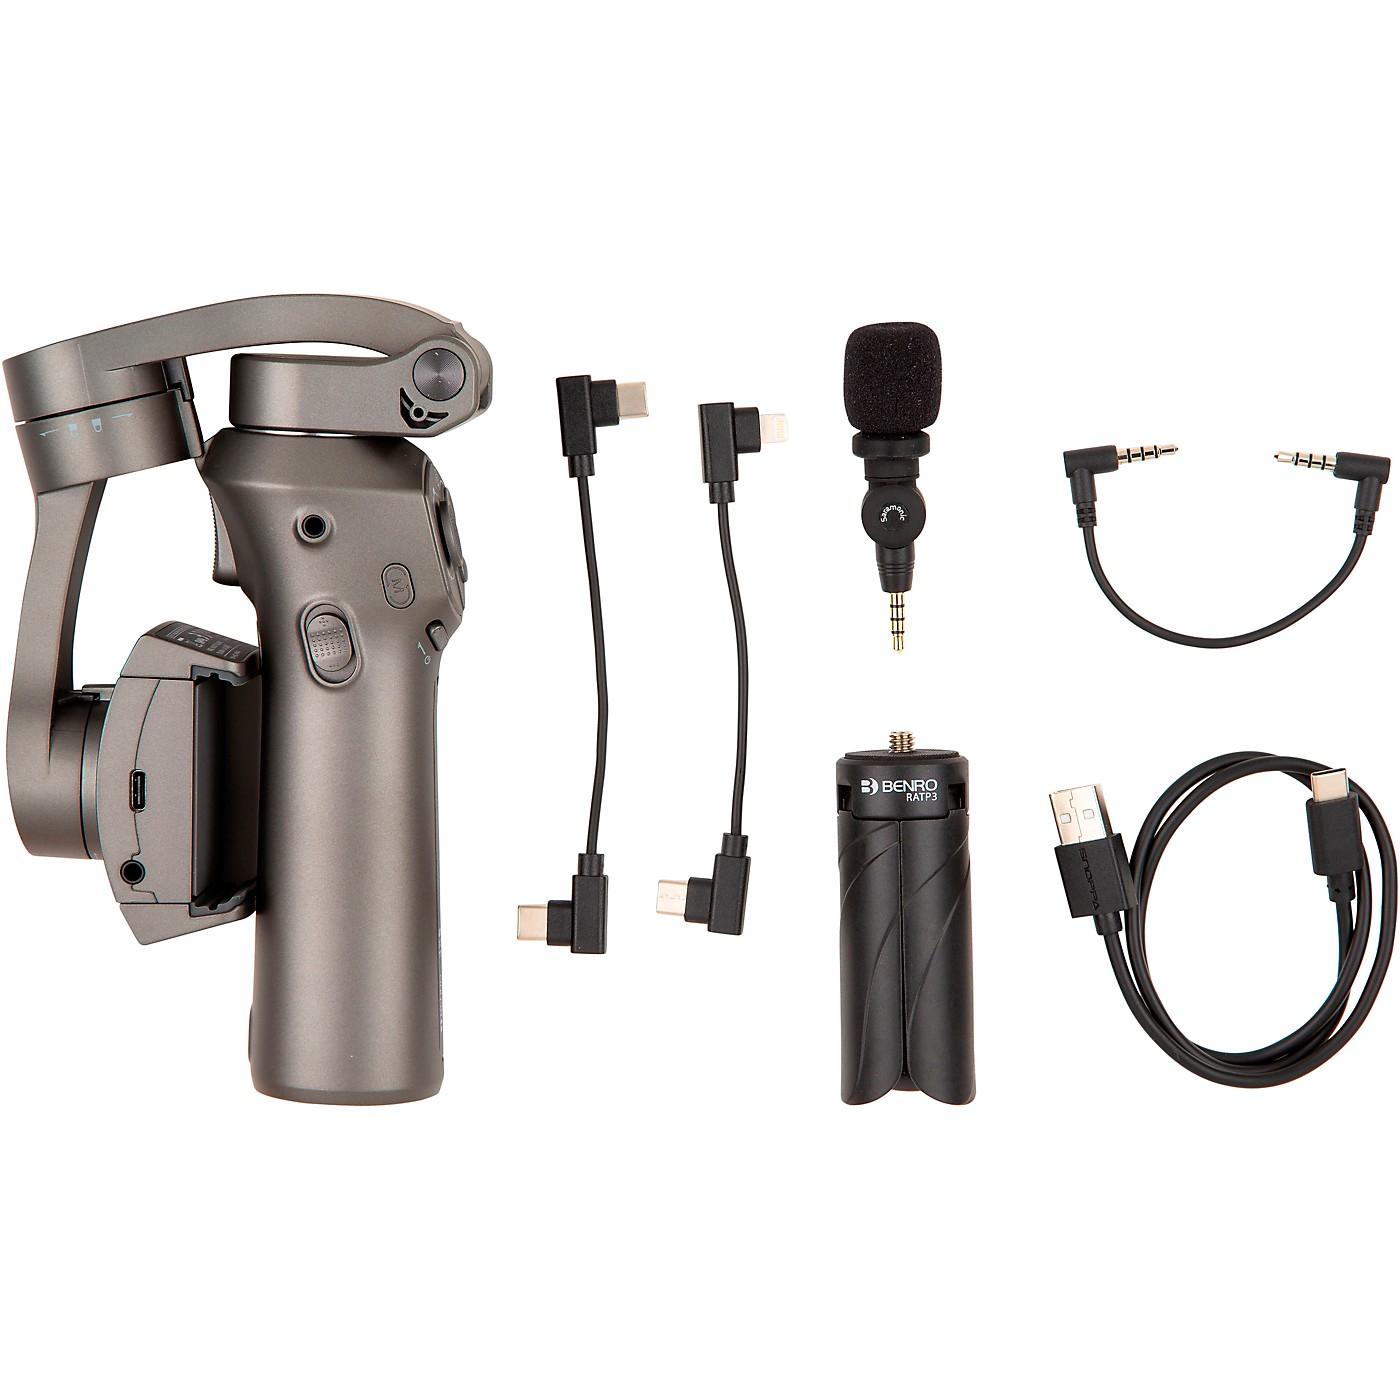 BENRO 3 Axis Handheld Gimbal for Smartphone with Saramonic SmartMic thumbnail